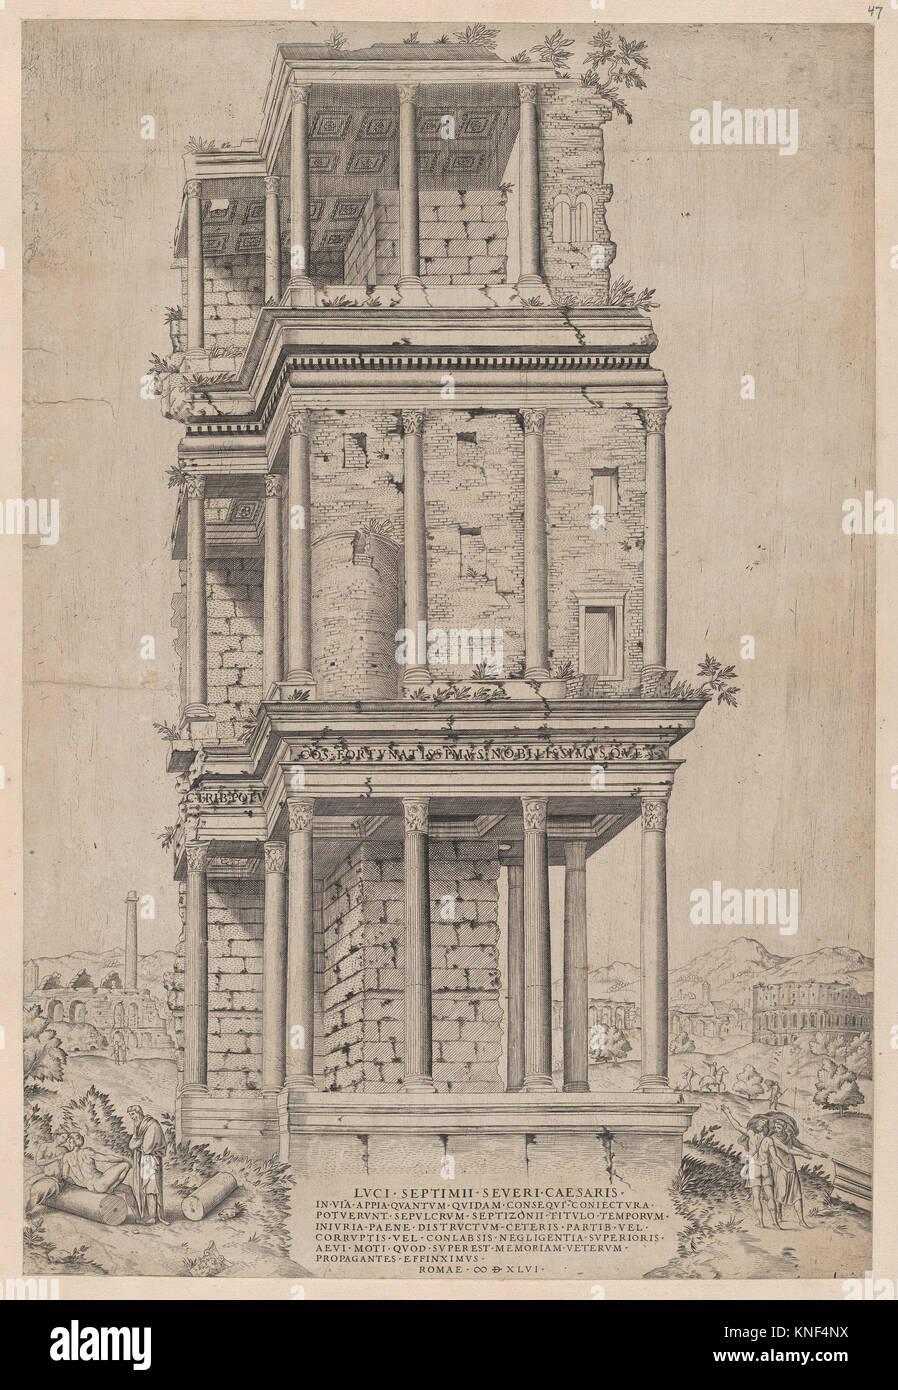 Speculum Romanae Magnificentiae: The Septizodium. Series/Portfolio: Speculum Romae Magnificentiae; Artist: Anonymous; Stock Photo